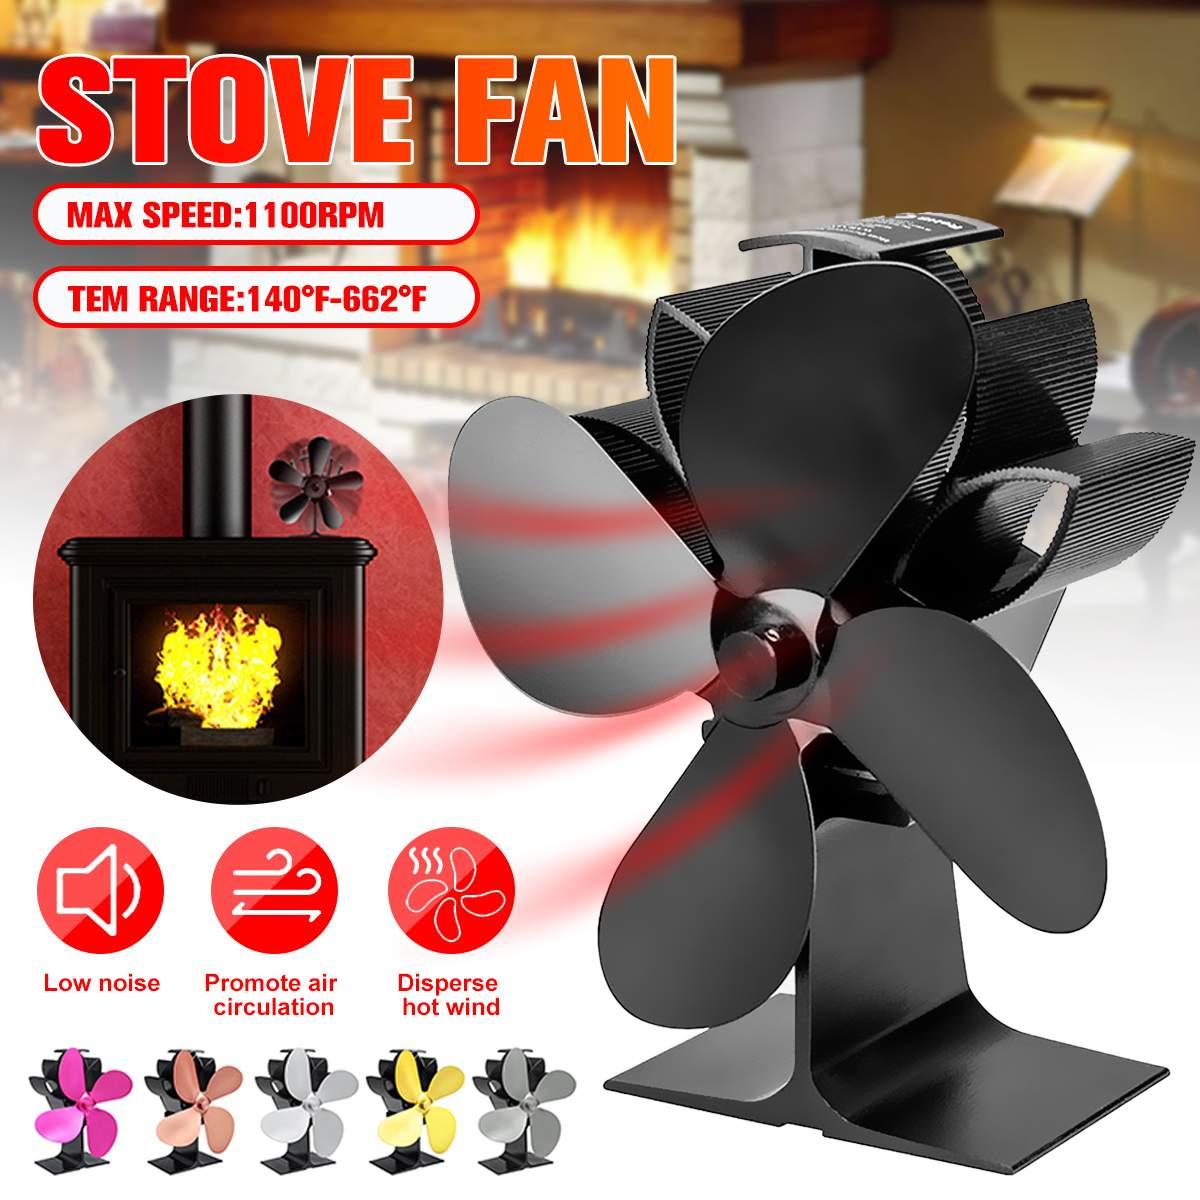 Stove Fan 4 Blade Fireplace Fan Heat Powered Komin Wood Burner Eco Fan Friendly Quiet Home Efficient Heat Distribution 1100rpm